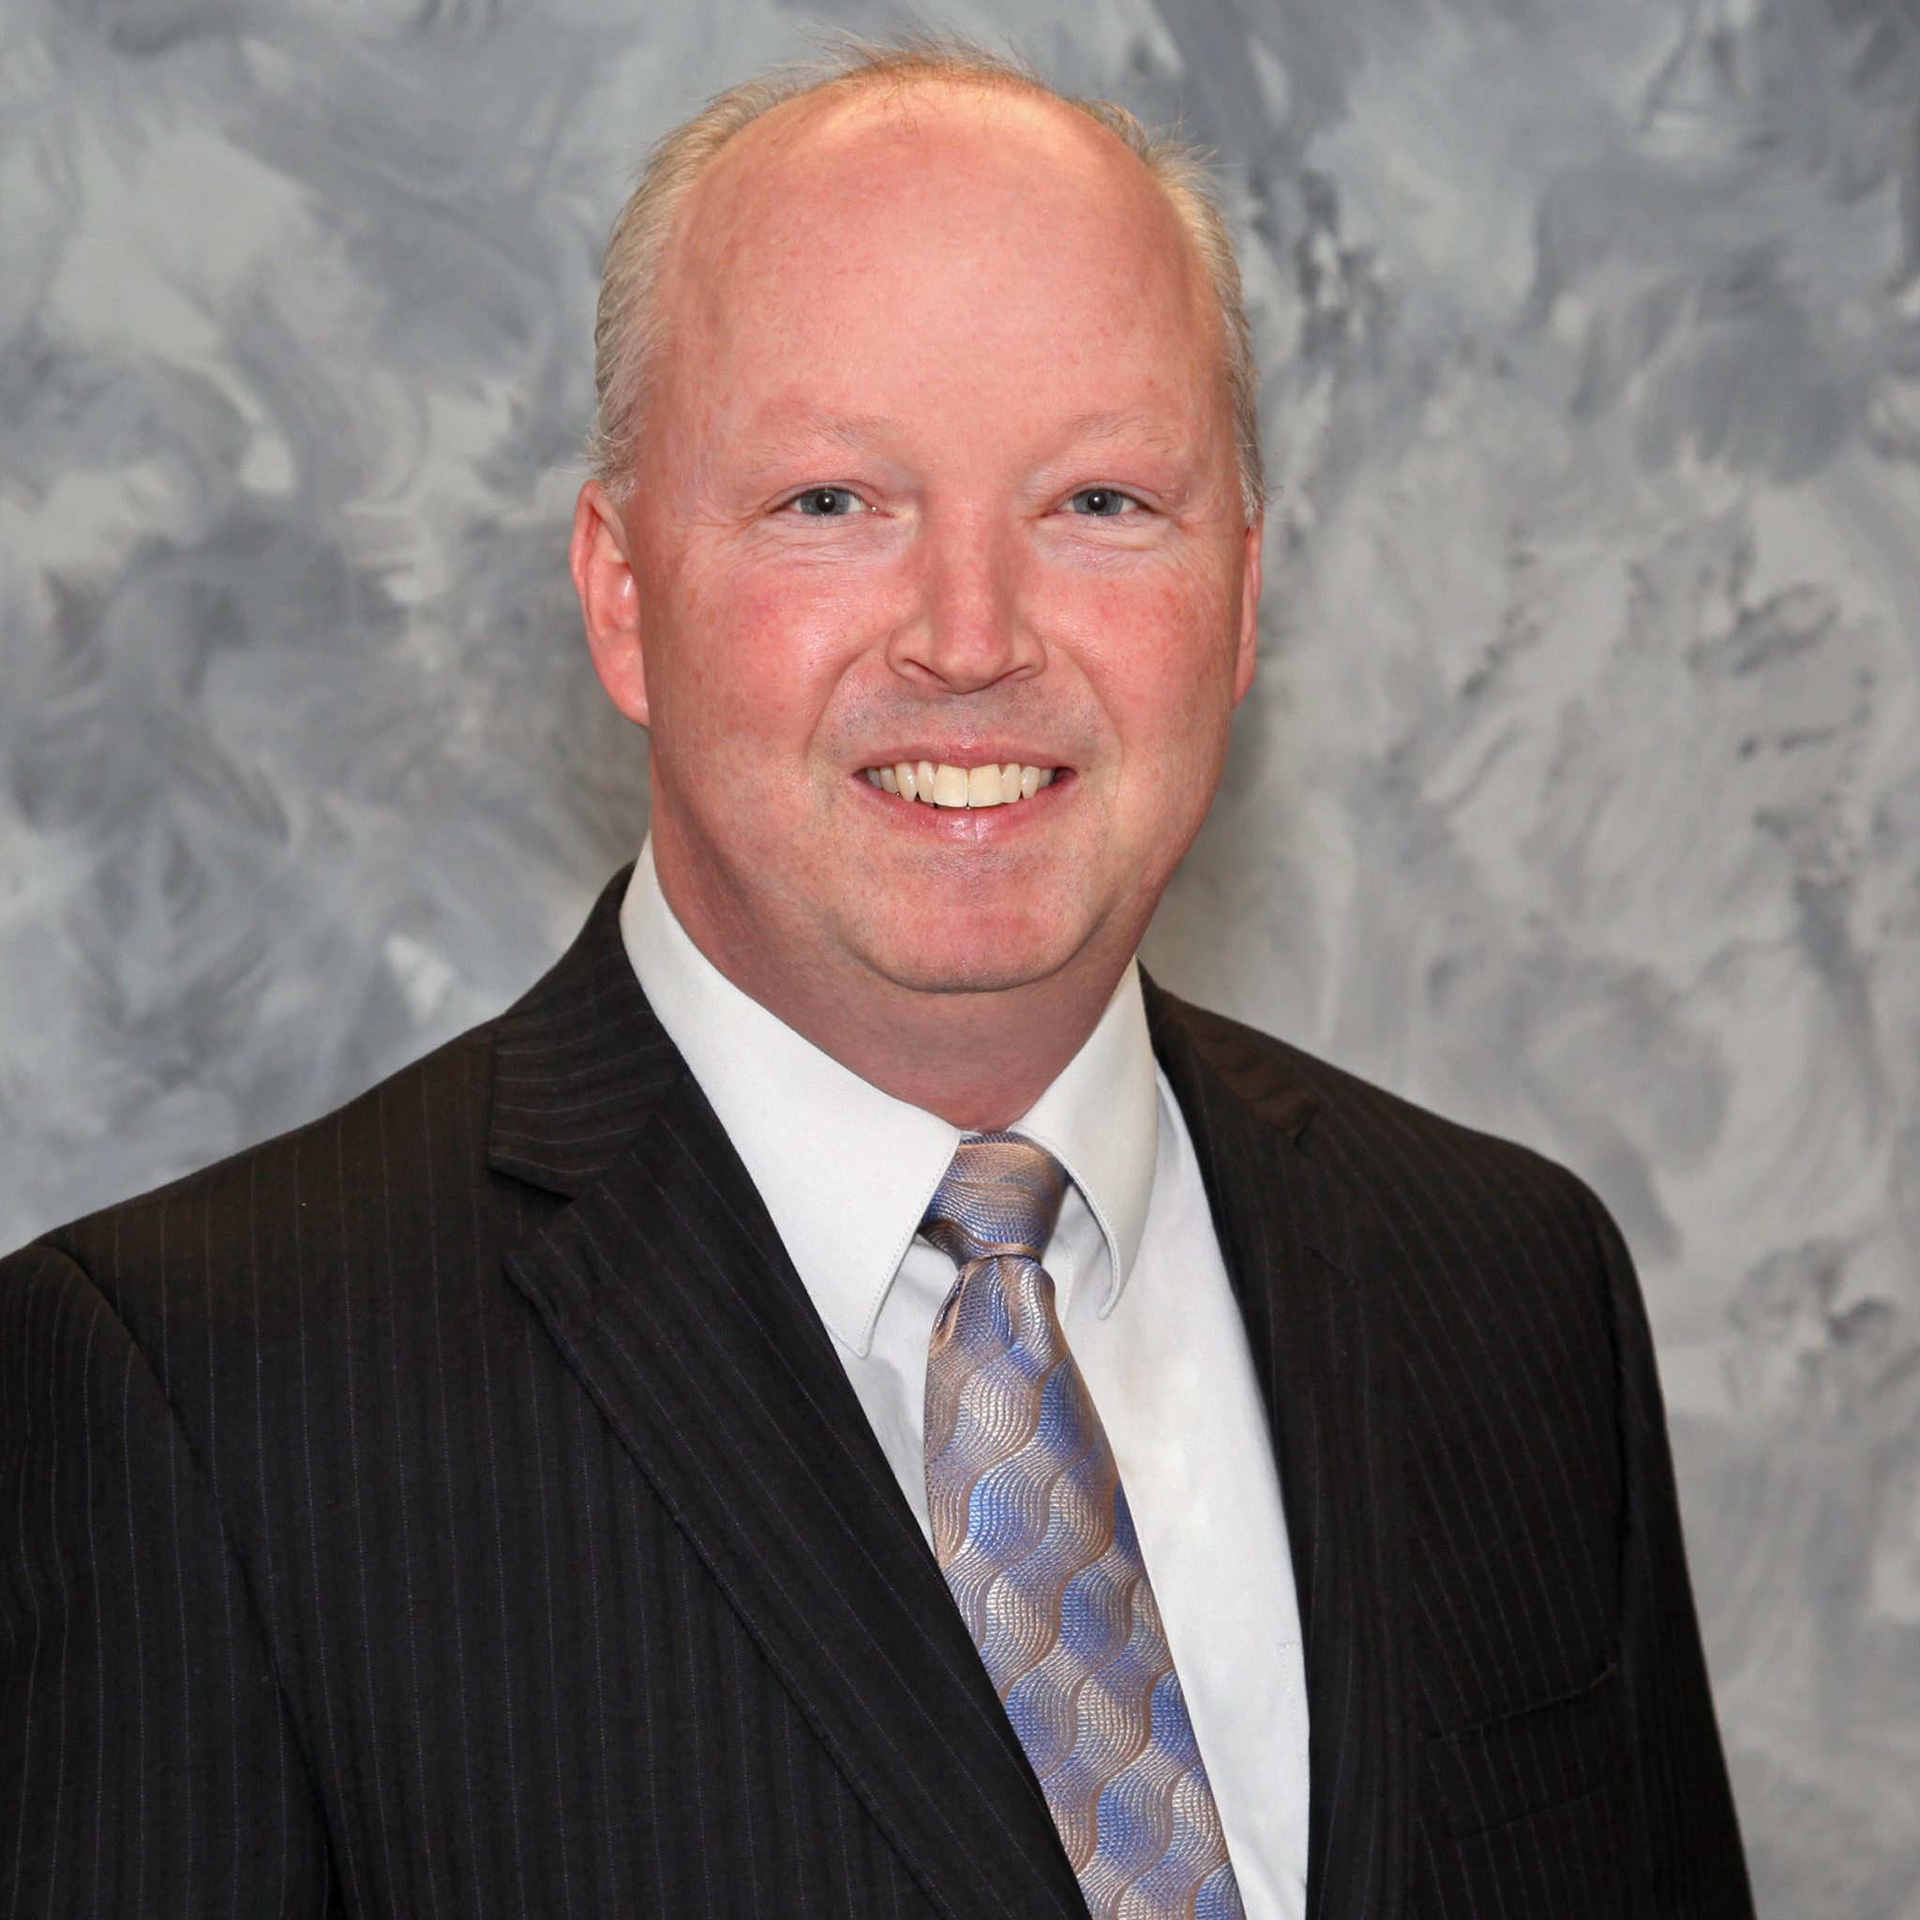 Dr. Ryan Jennings